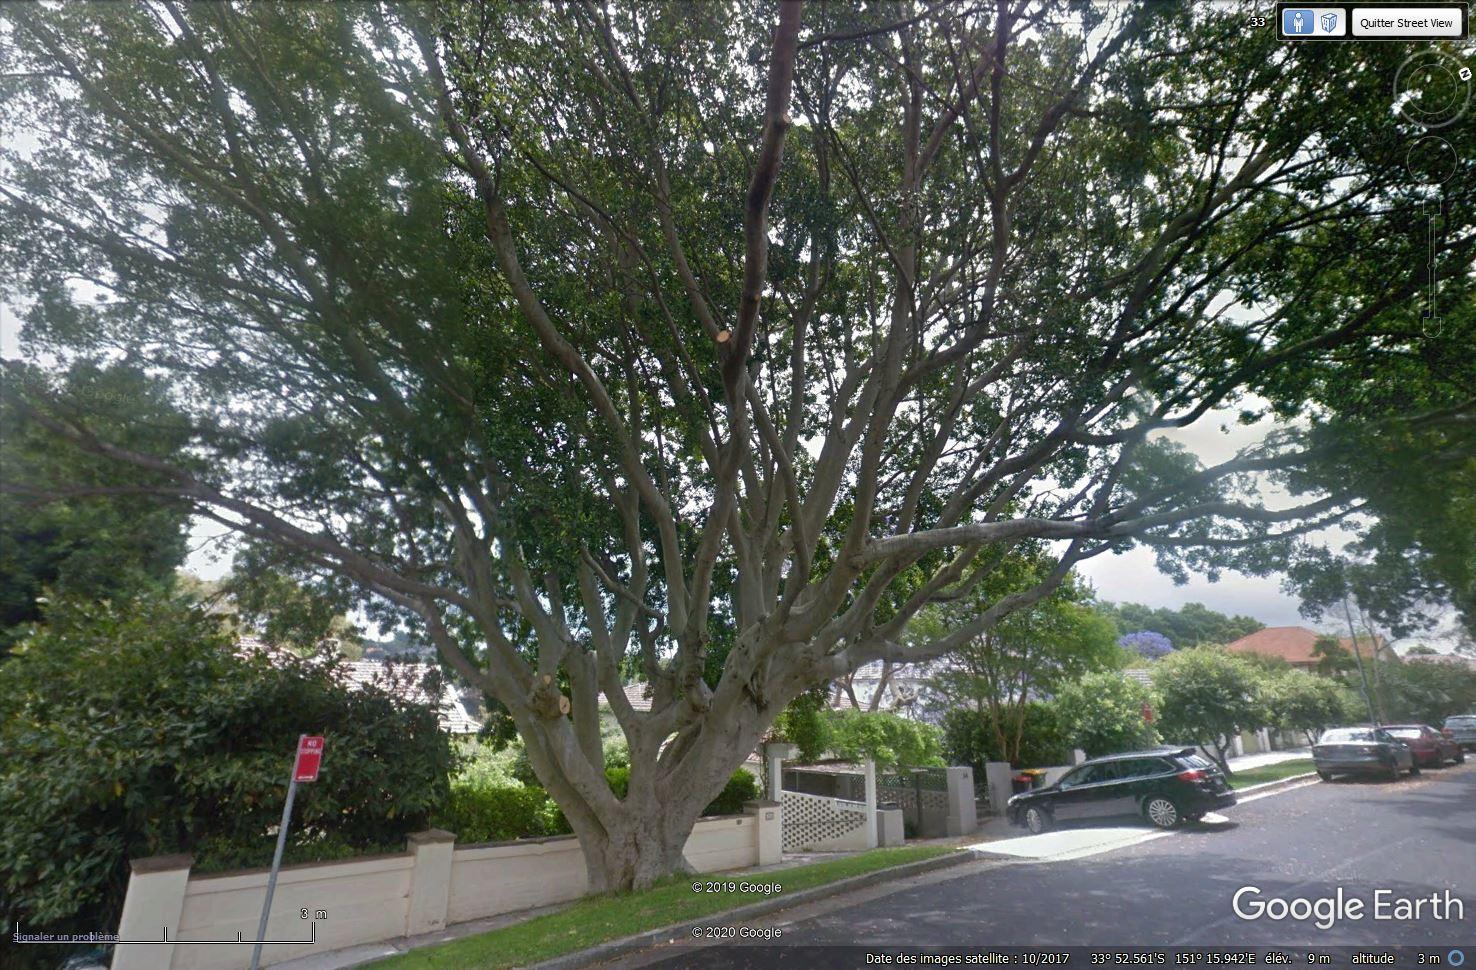 Essence d'arbre, Sydney - Australie [C'est quoi ?] Tsge1006